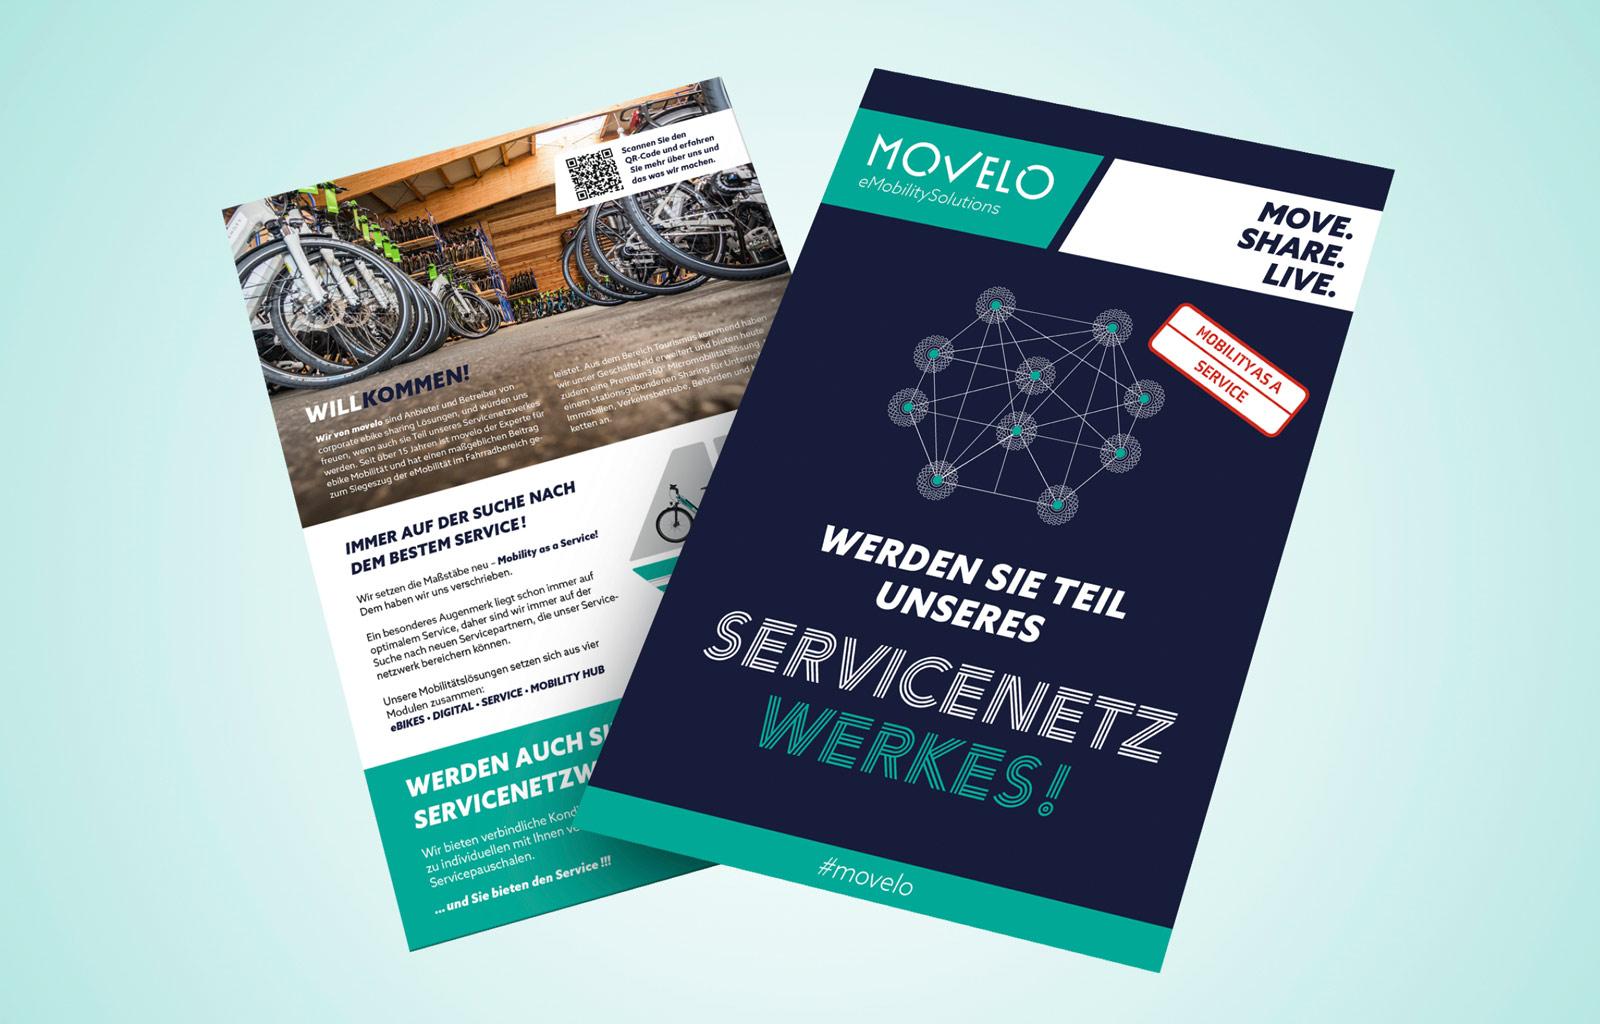 Mov Flyer Service2